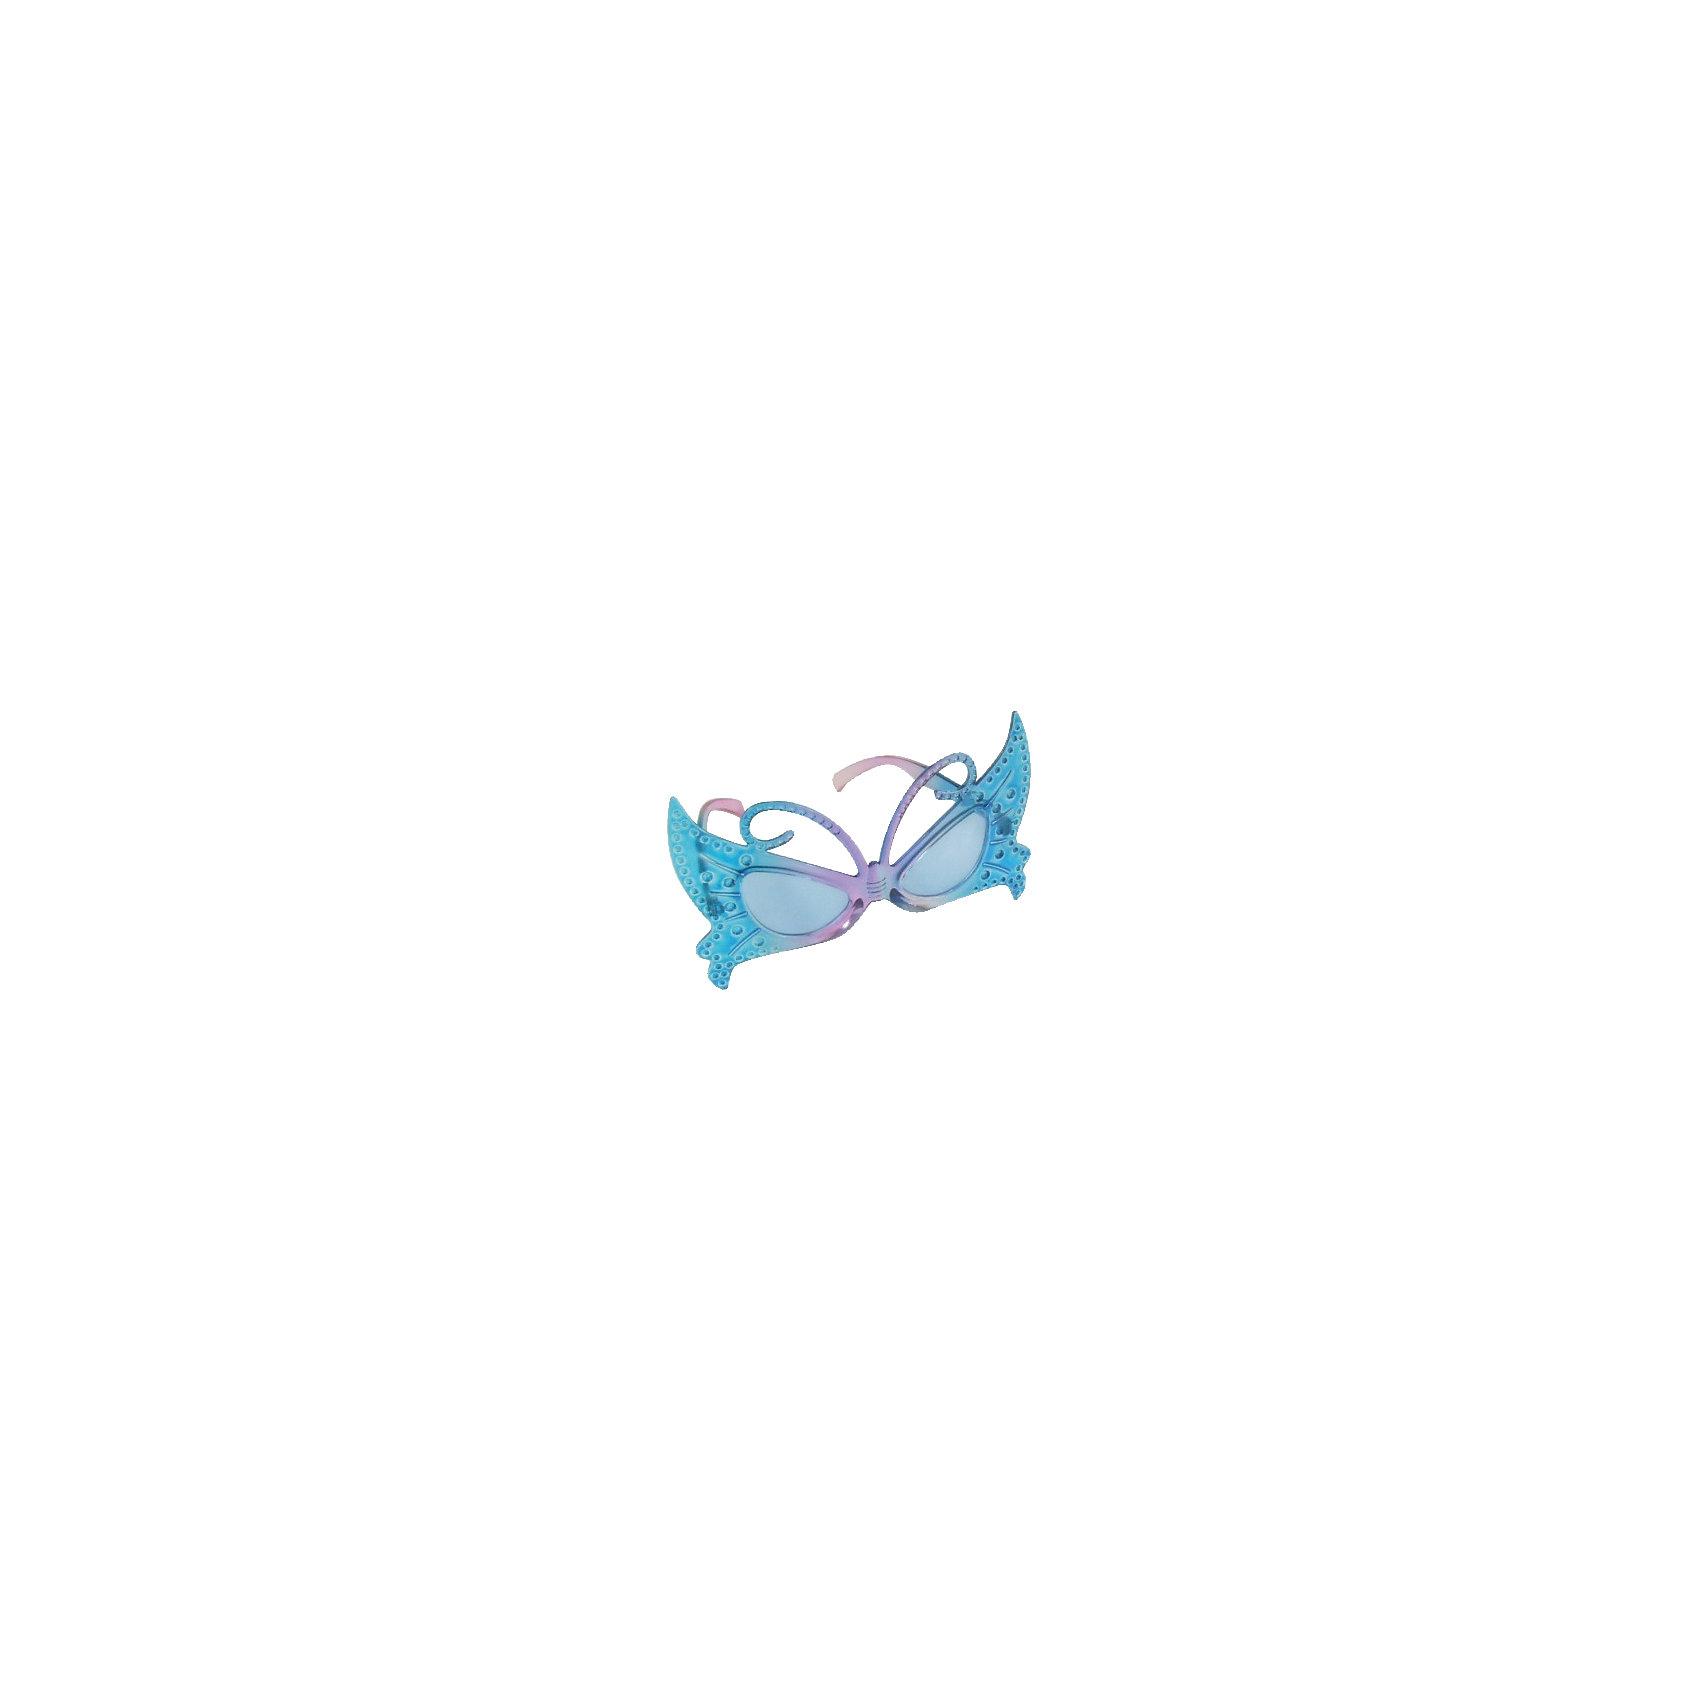 Карнавальные очки Голубая бабочкаКарнавальные костюмы<br>Карнавальные очки Голубая бабочка – это возможность превратить праздник в необычное, яркое шоу.<br>Карнавальные очки Голубая бабочка отлично дополнят маскарадный костюм и помогут создать яркий образ. Очки предназначены для быстрого и необременительного перевоплощения на костюмированной вечеринке или маскараде. Сделайте праздник веселым и ярким!<br><br>Дополнительная информация:<br><br>- Размер: 17 х 10 х 14 см.<br>- Материал: пластик<br><br>Карнавальные очки Голубая бабочка можно купить в нашем интернет-магазине.<br><br>Ширина мм: 125<br>Глубина мм: 100<br>Высота мм: 140<br>Вес г: 20<br>Возраст от месяцев: 48<br>Возраст до месяцев: 72<br>Пол: Унисекс<br>Возраст: Детский<br>SKU: 4280632